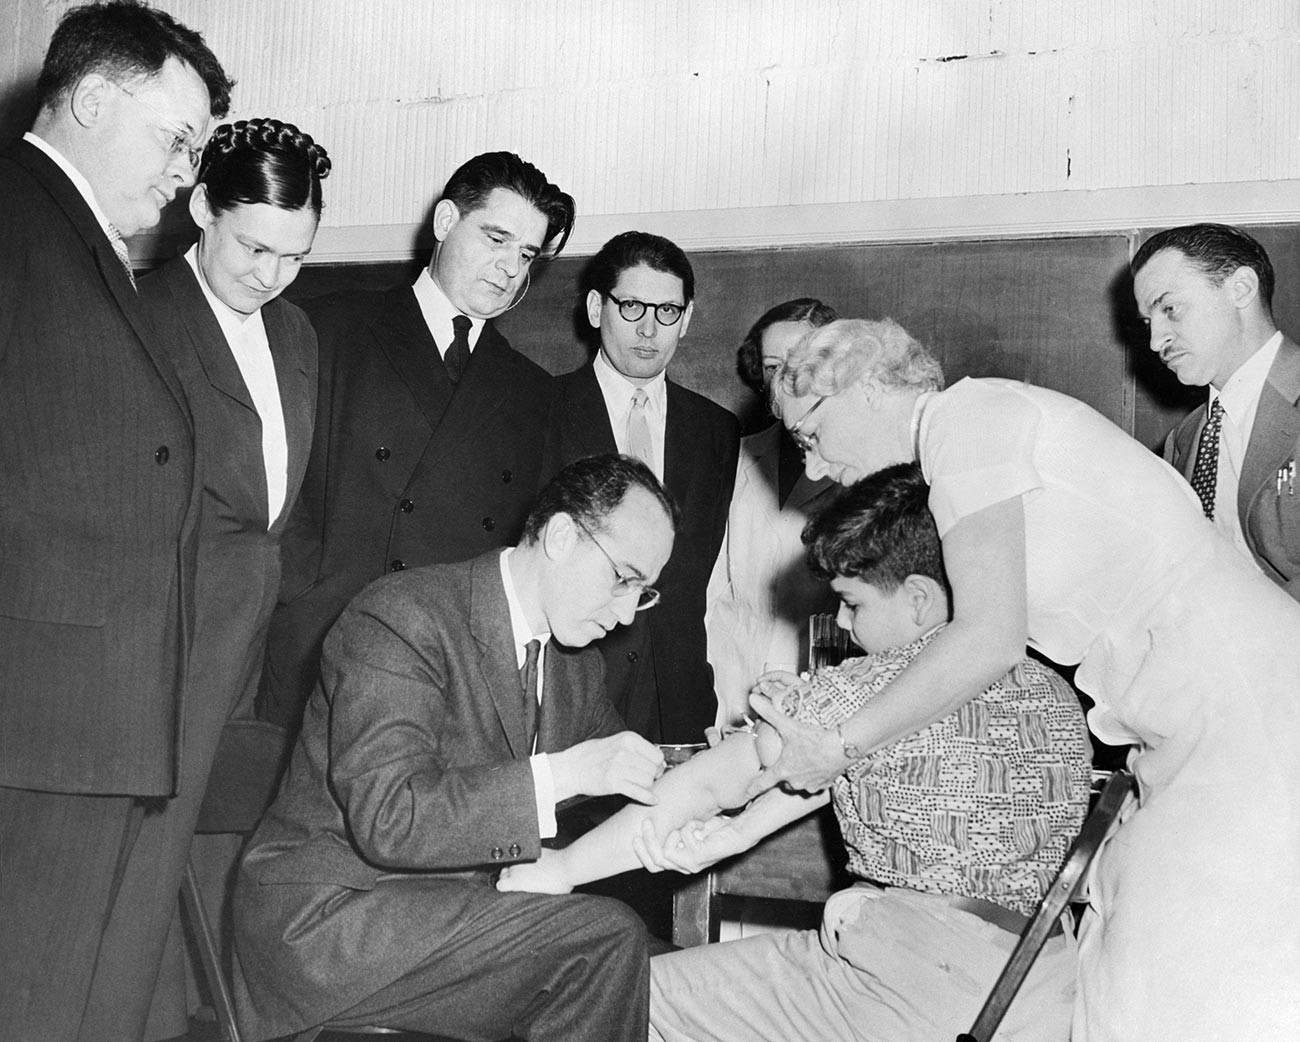 Советские ученые во время визита в США смотрят, как доктор Джонас Солк вводит вакцину американскому мальчику